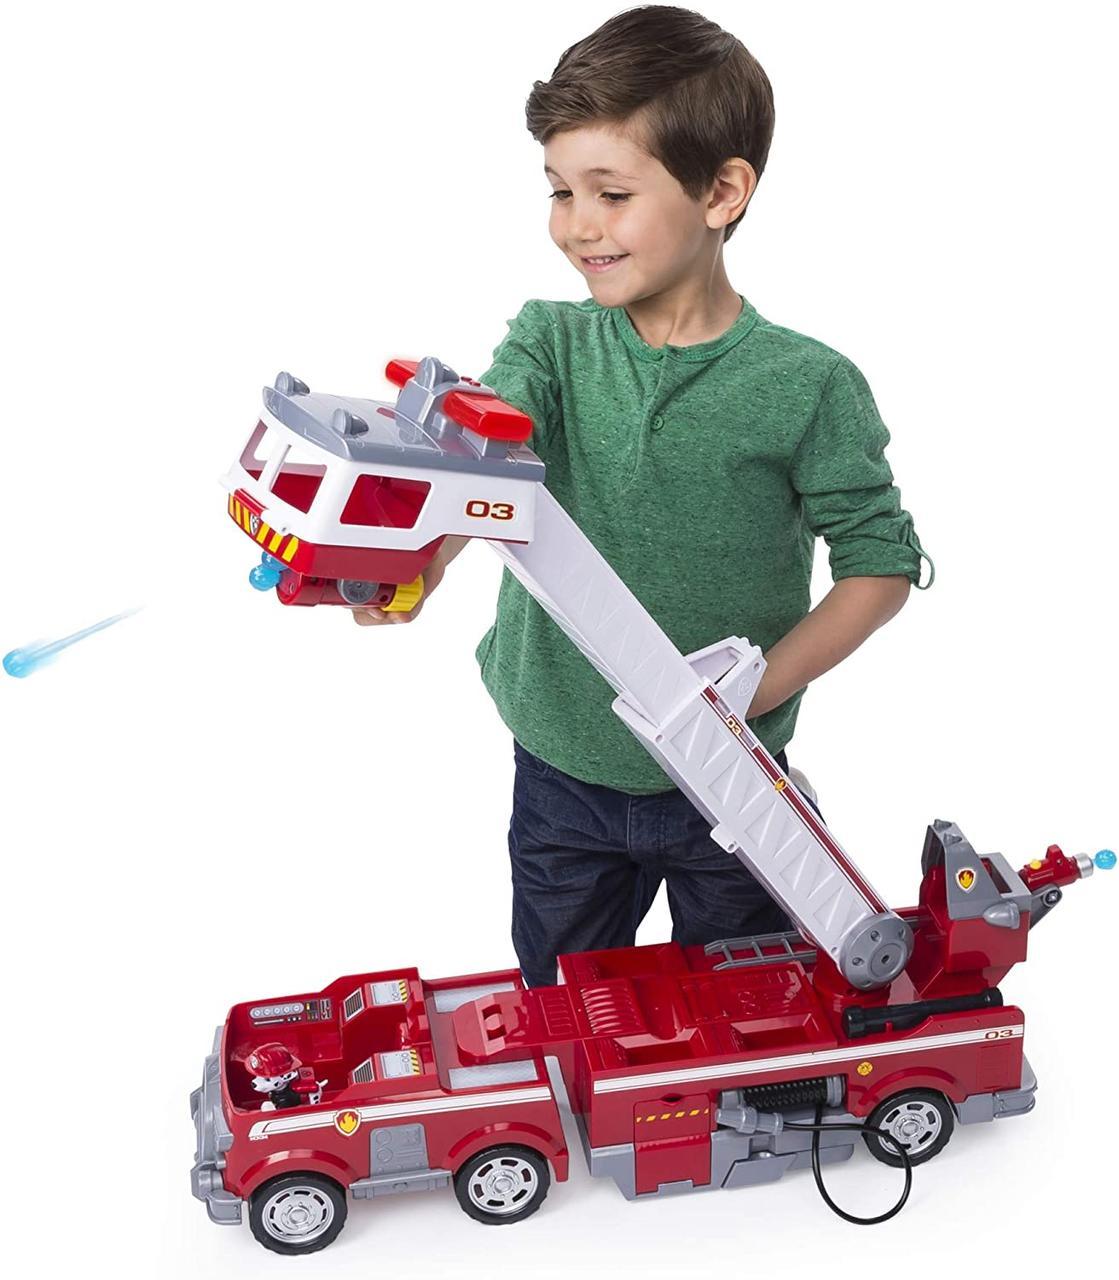 Набор Paw Patrol - Ultimate Rescue Fire Truck (Щенячий патруль, Большая пожарная машина Маршалла, звук и свет)